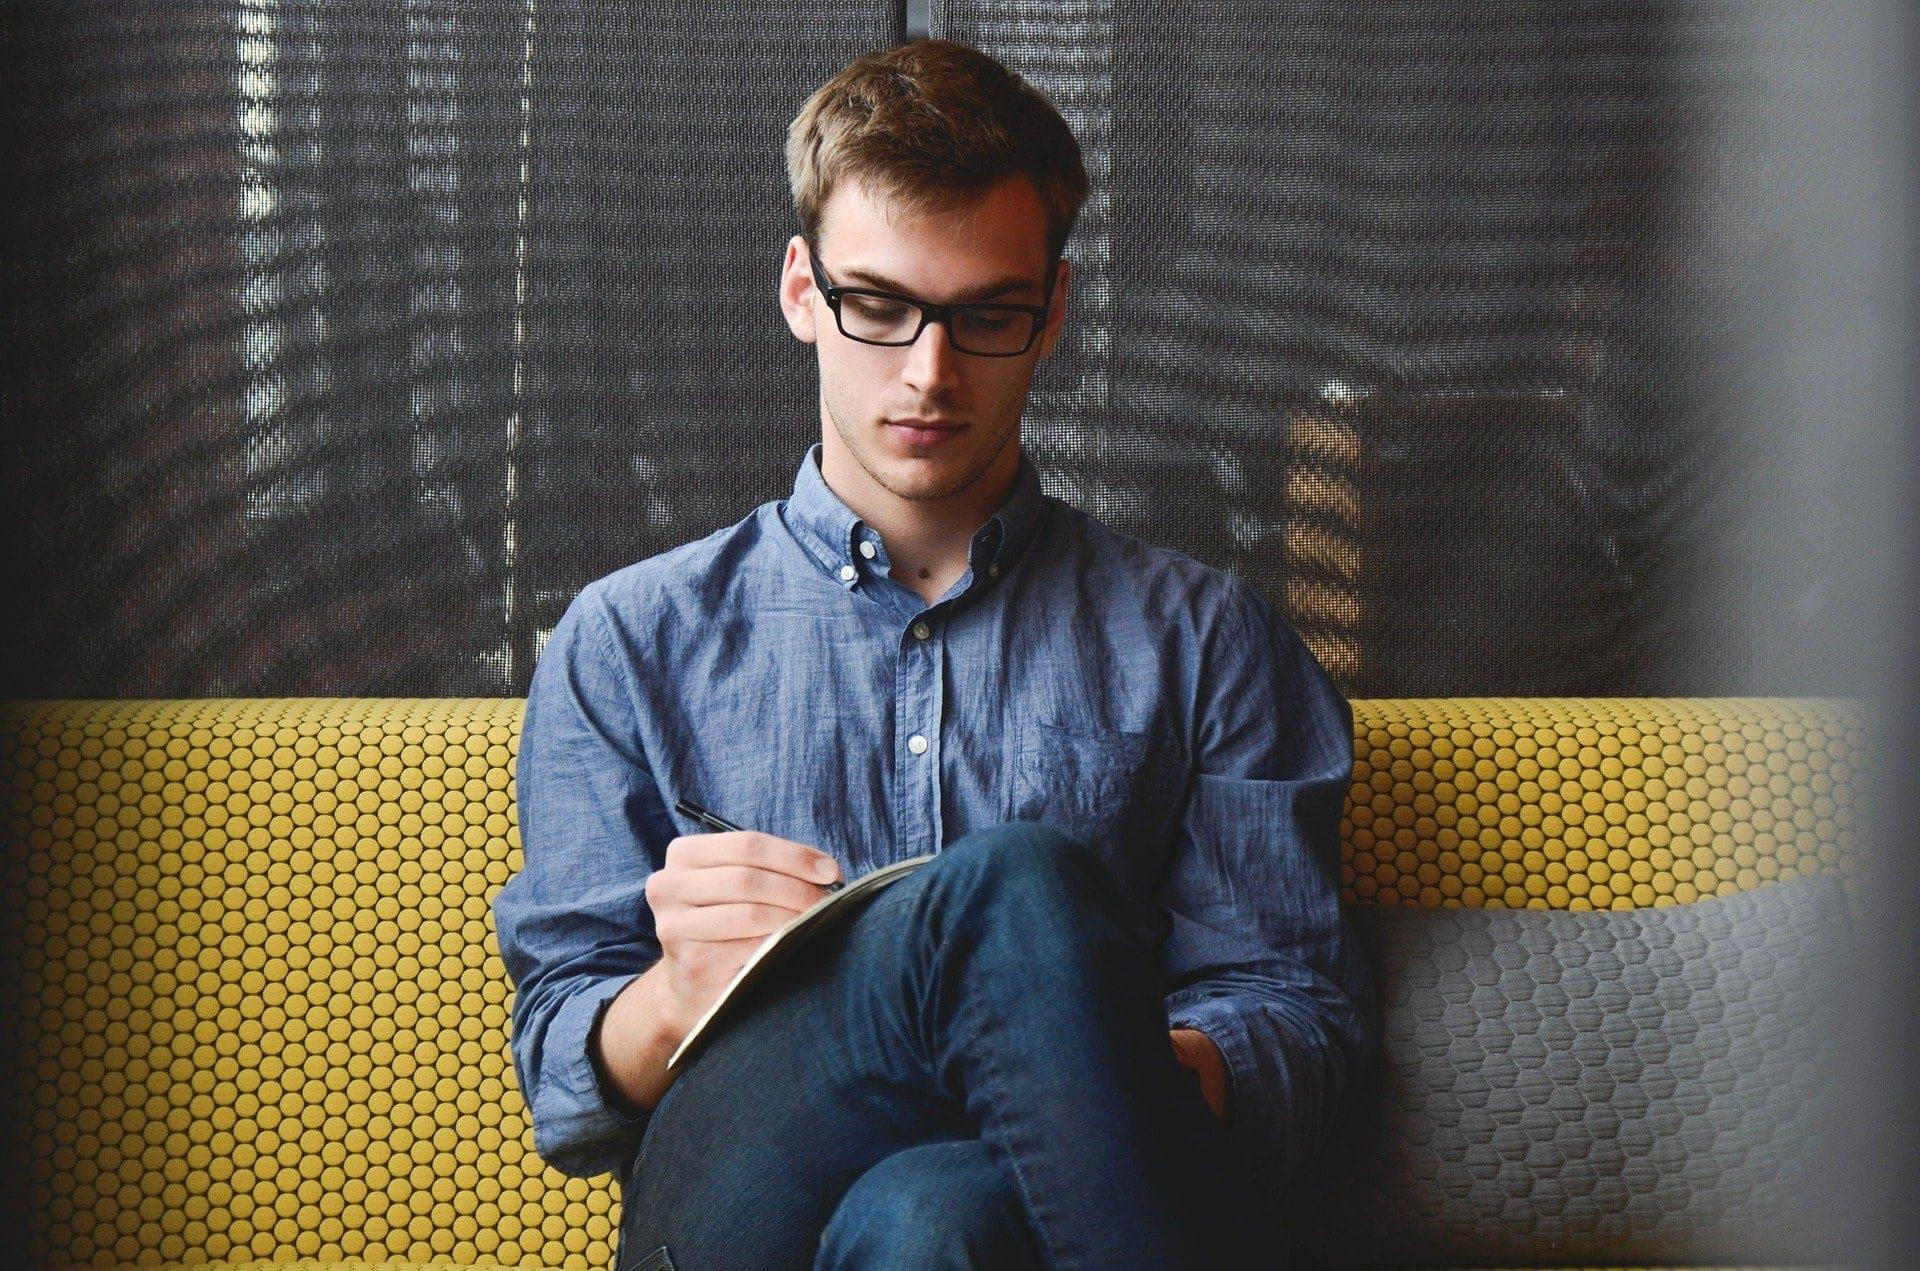 Der Ausbildungsvertrag – was er regelt und warum er wichtig ist